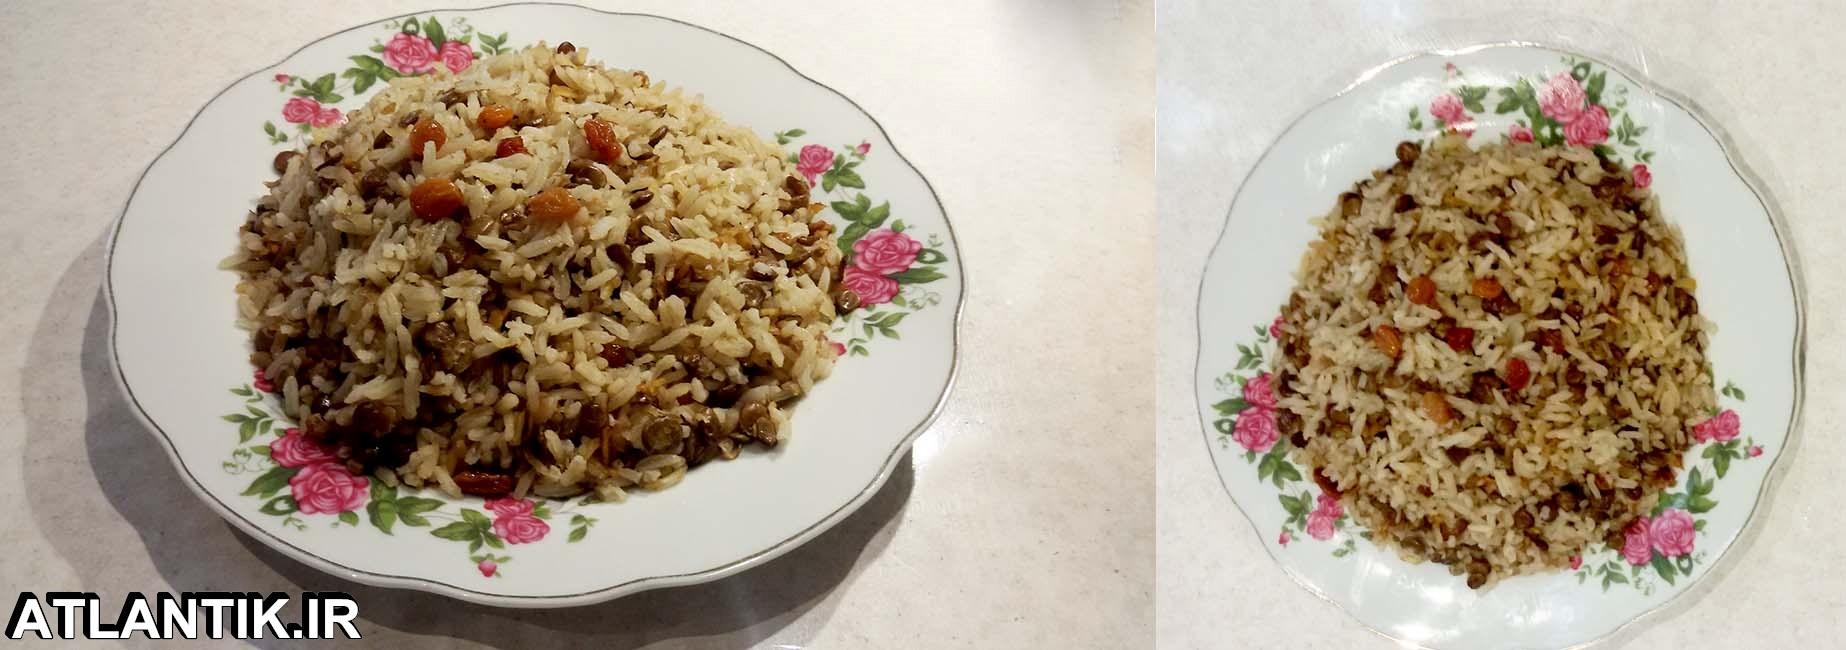 دستور پخت عدس پلو با کشمش، عدس پلو، سایت آشپزی آتلانتیک